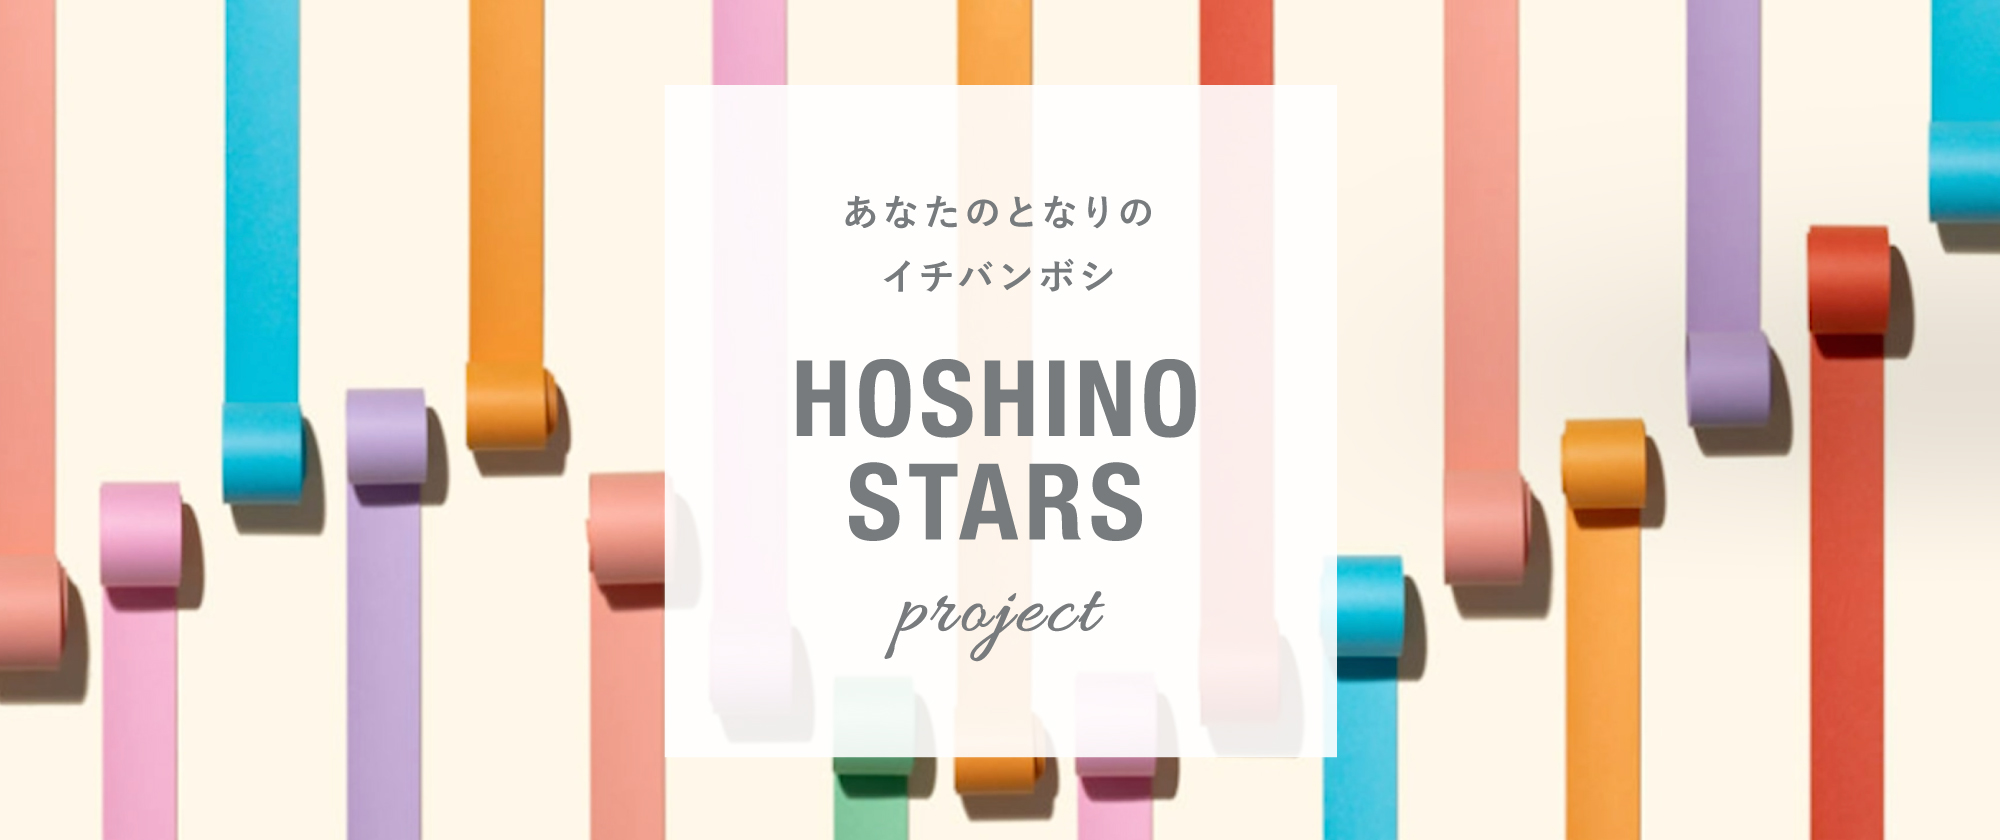 HOSHINO STARS